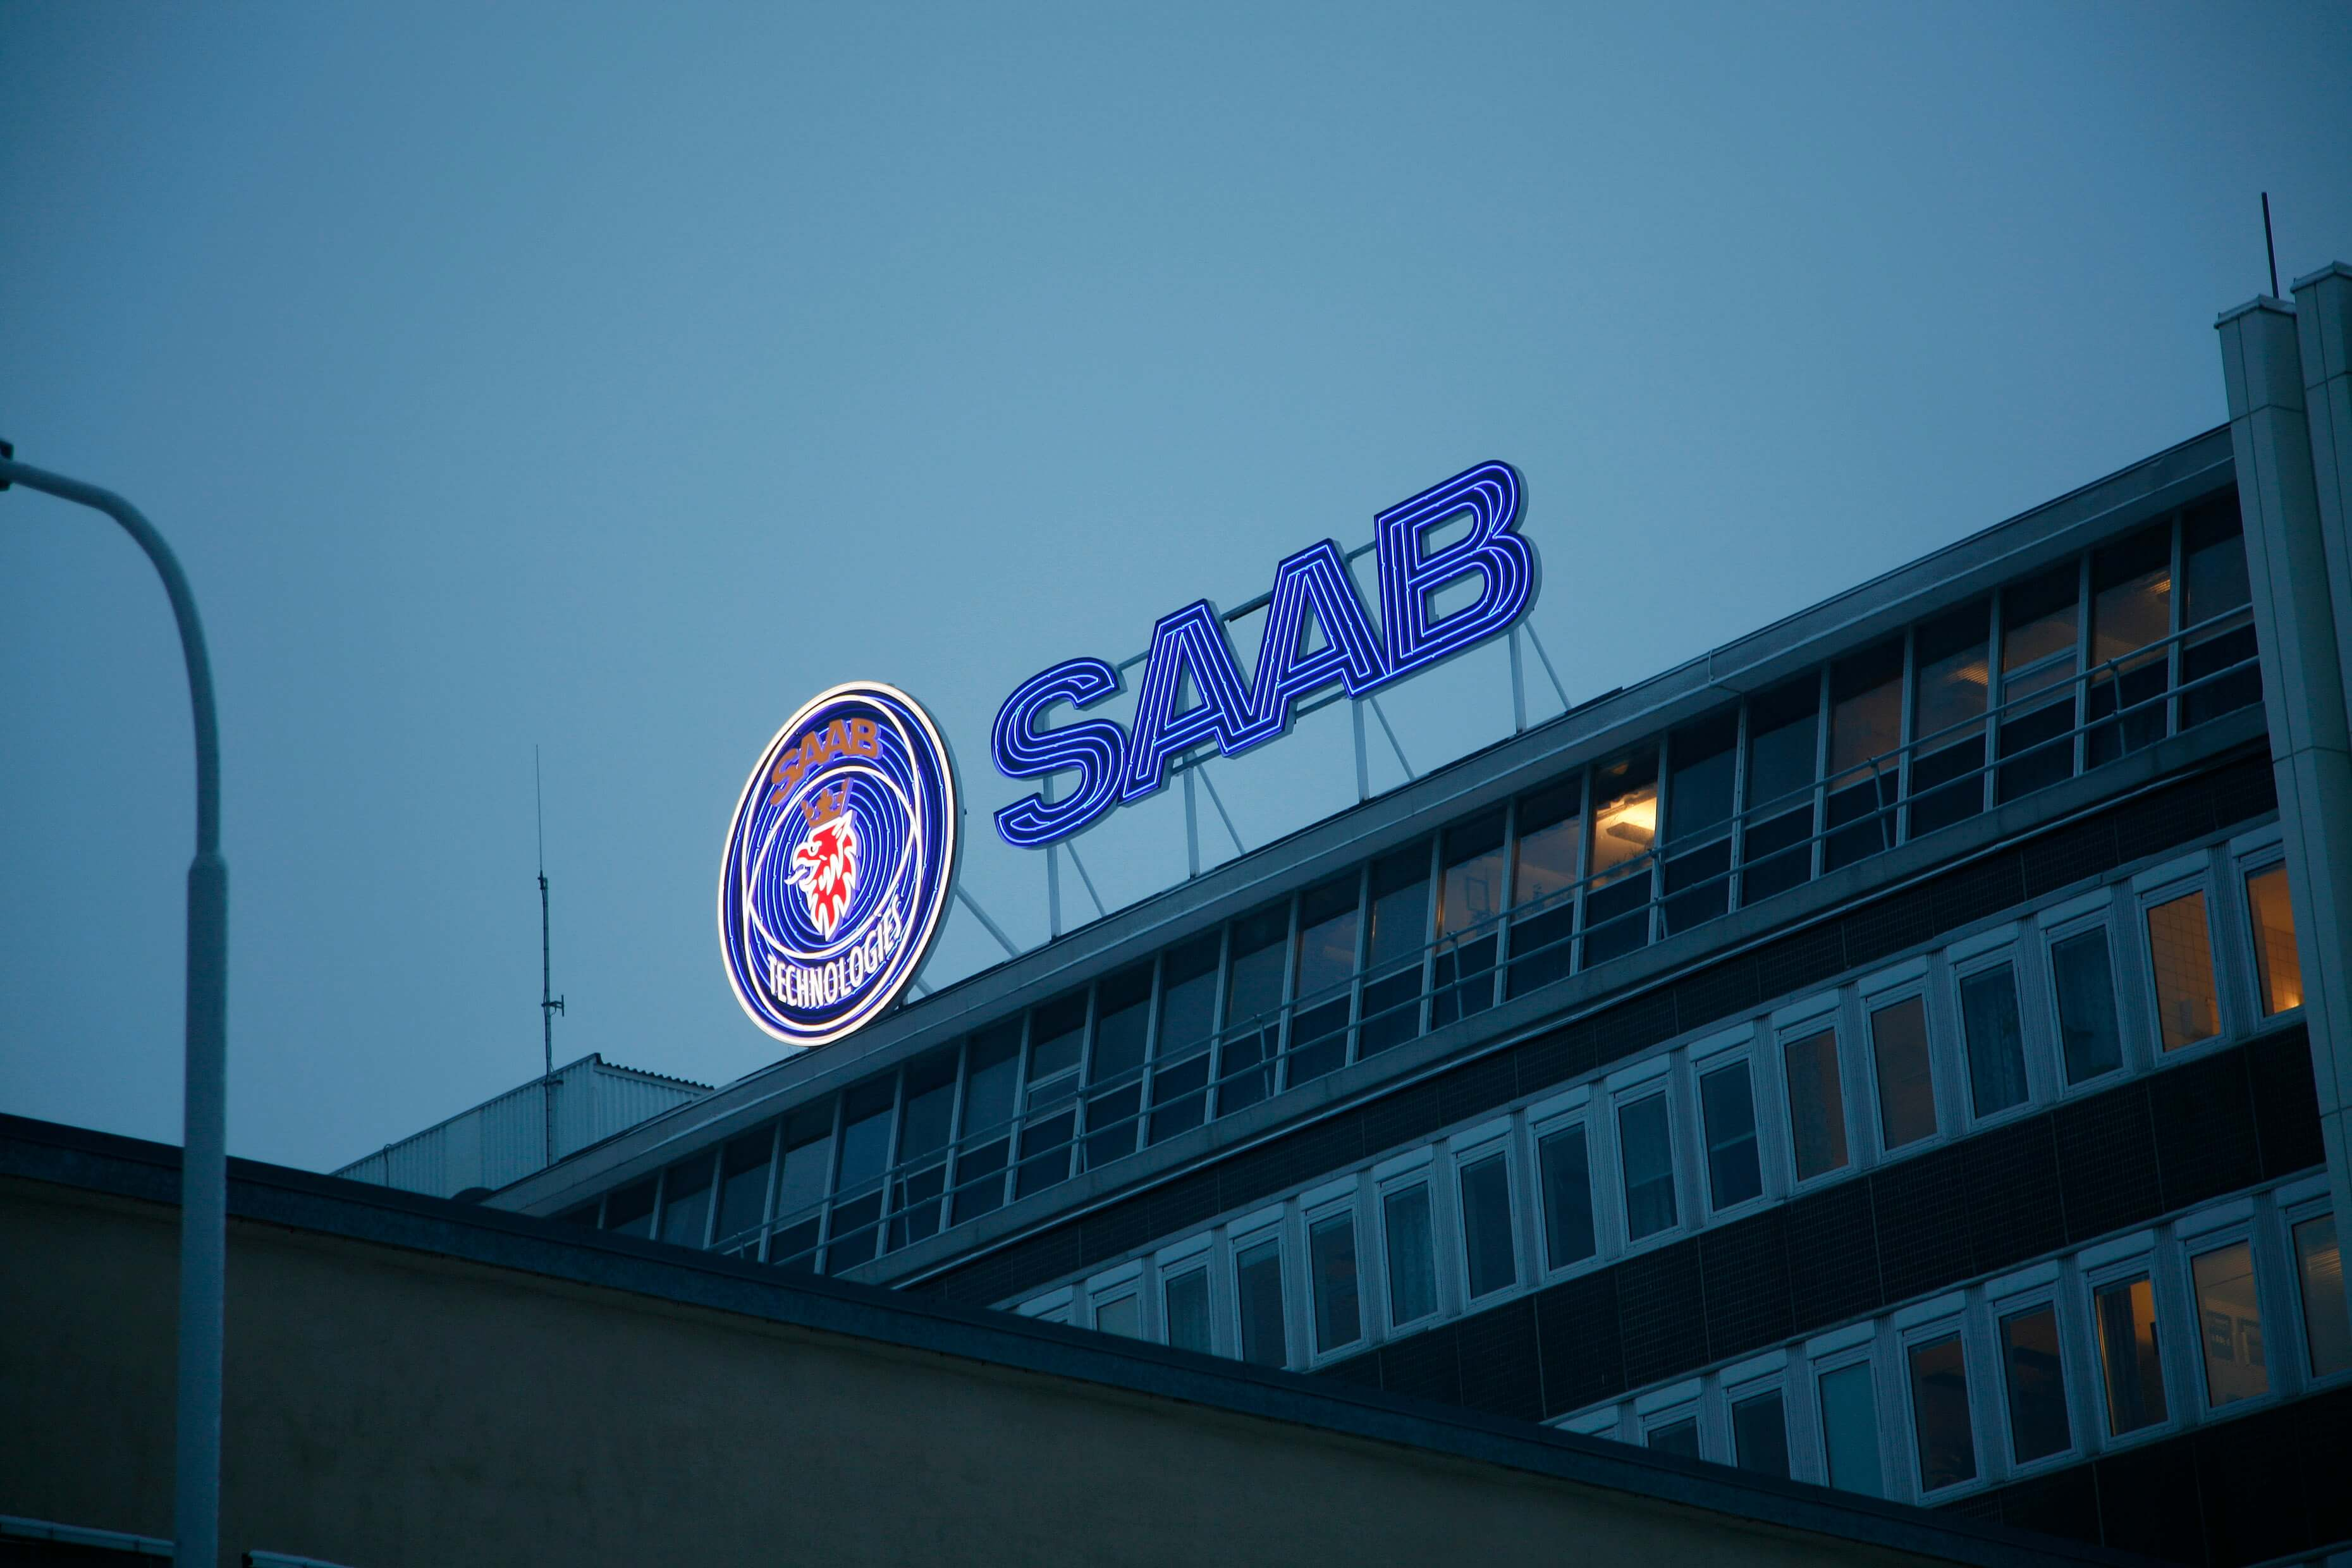 Saab takskylt på toppen av byggnaden av FocusNeo